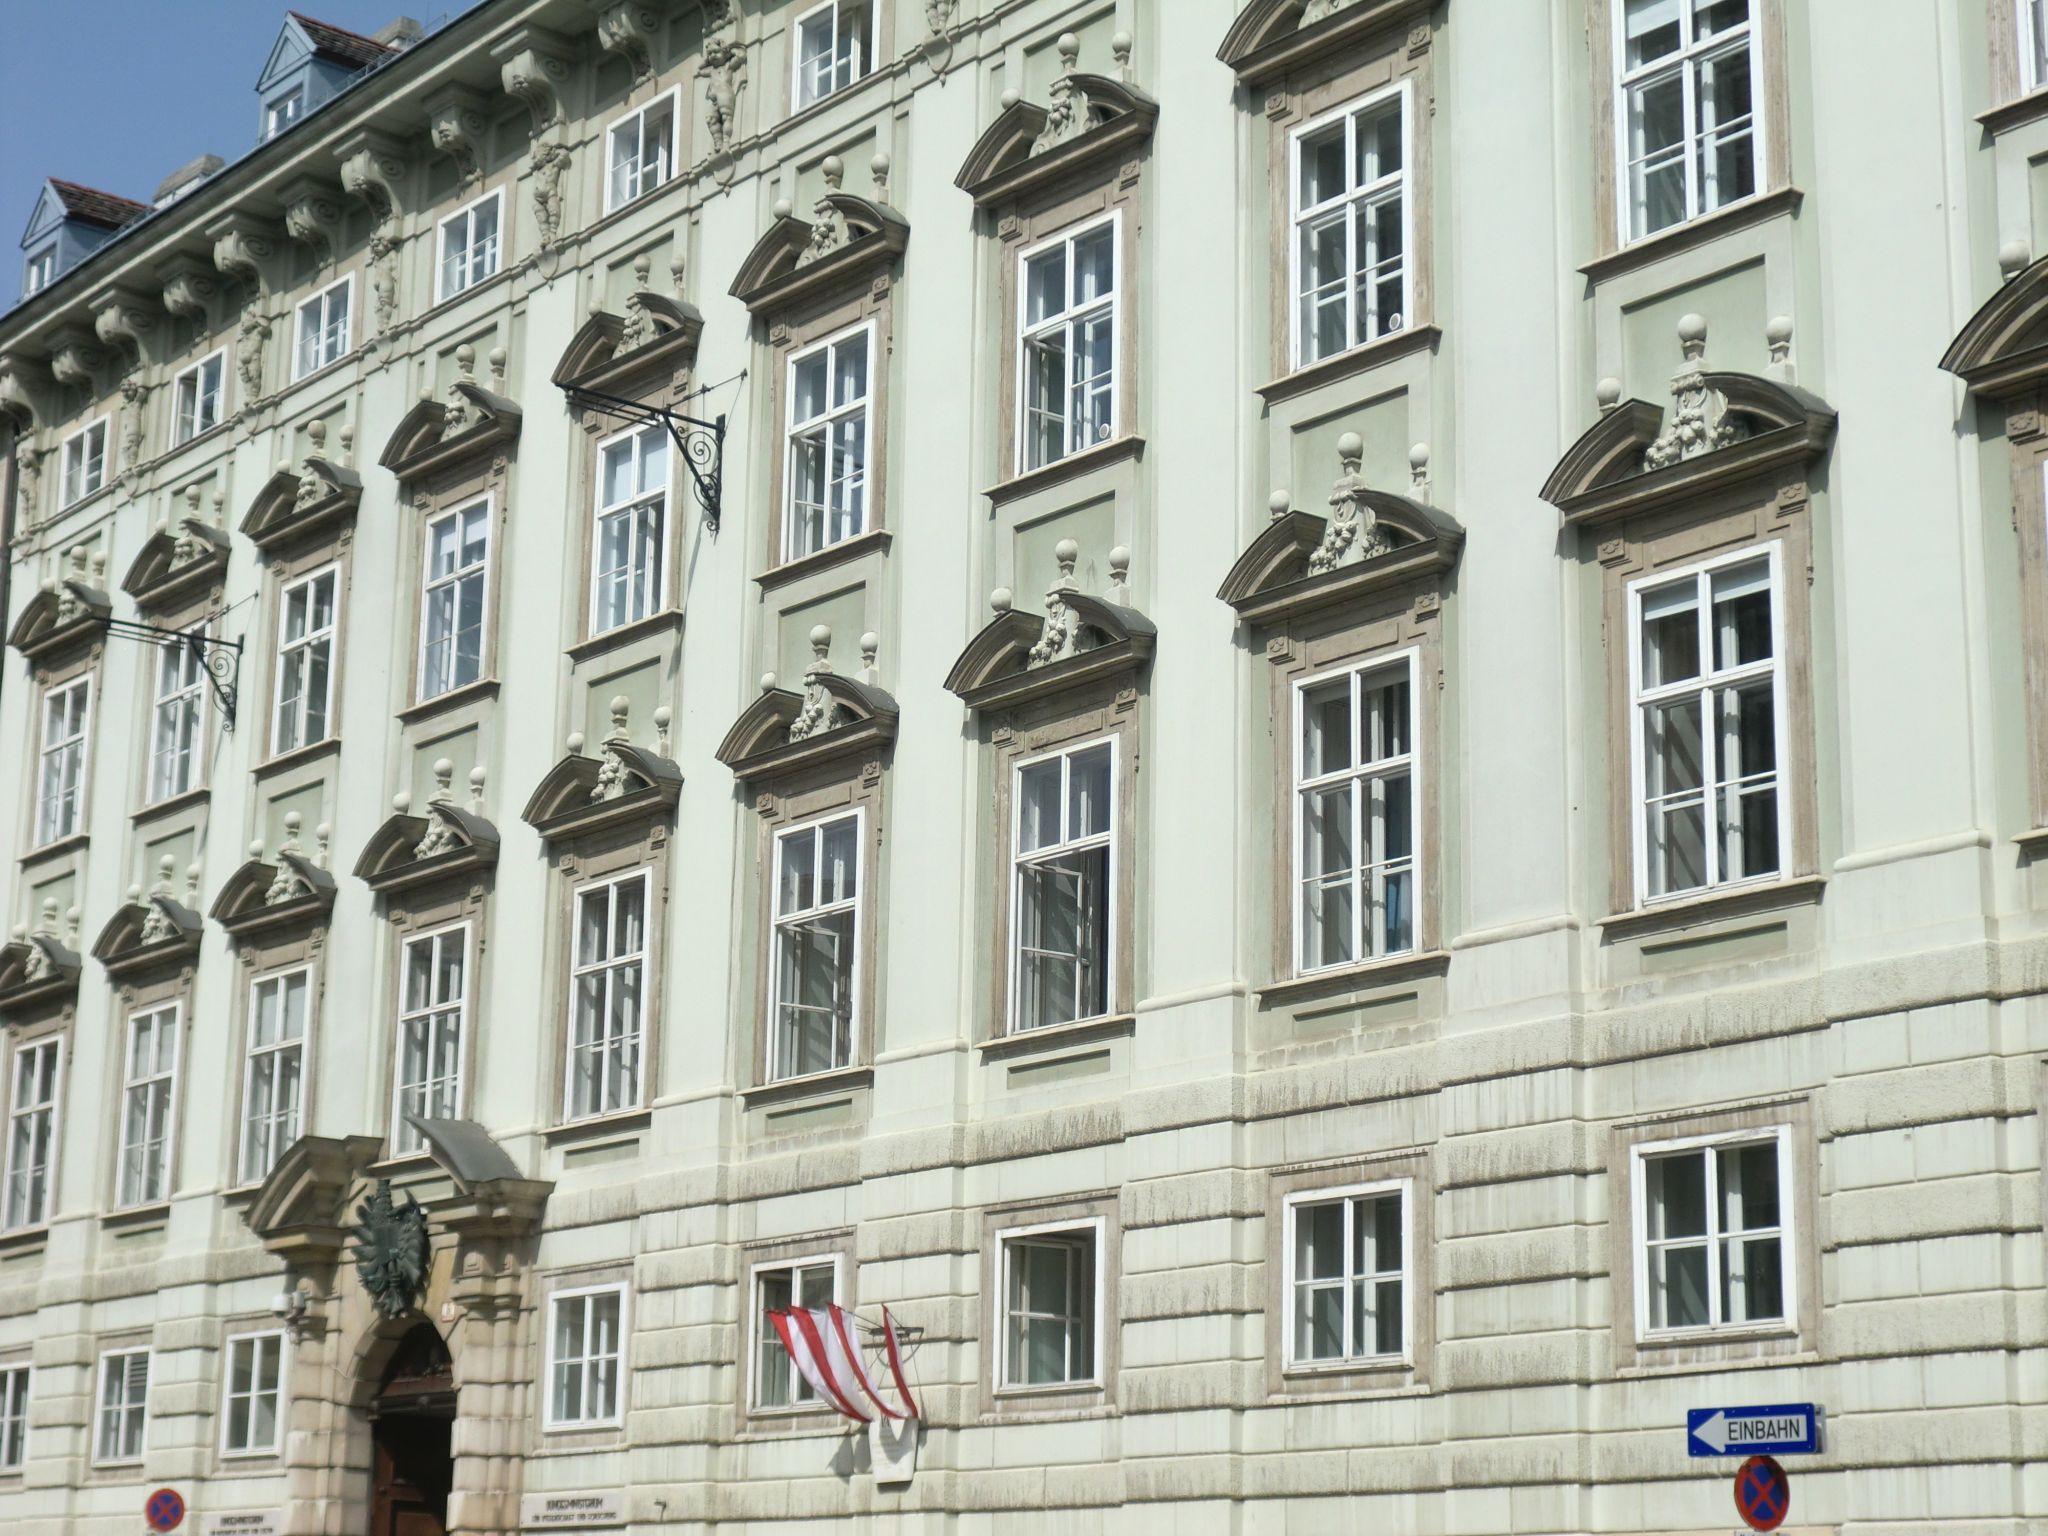 Vienna architecture 9 1440x1080 - Vienna: elegant beauty